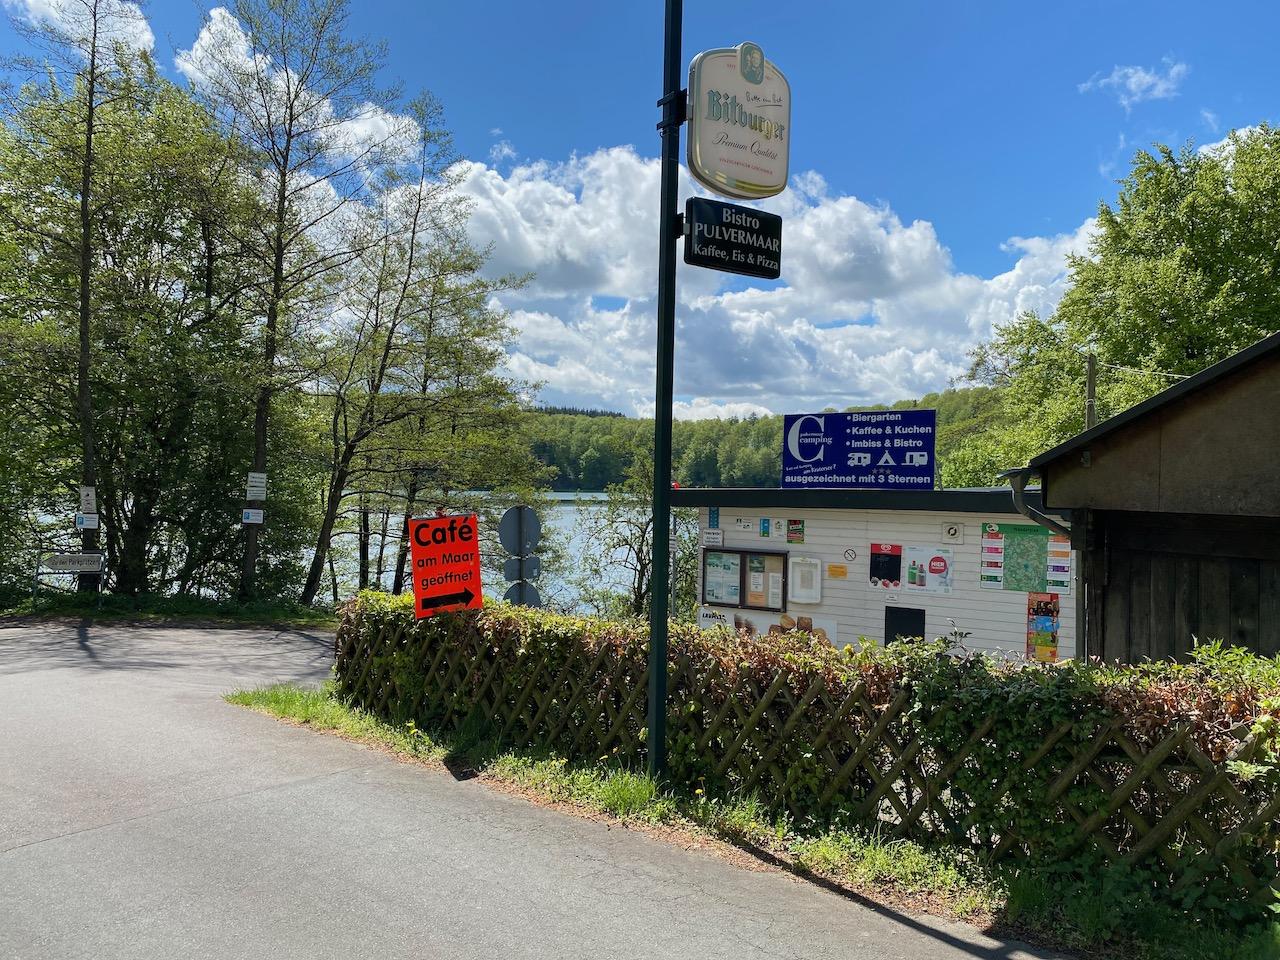 Campingplatz Pulvermaar, Gillenfeld, Eifel / Vulkaneifel